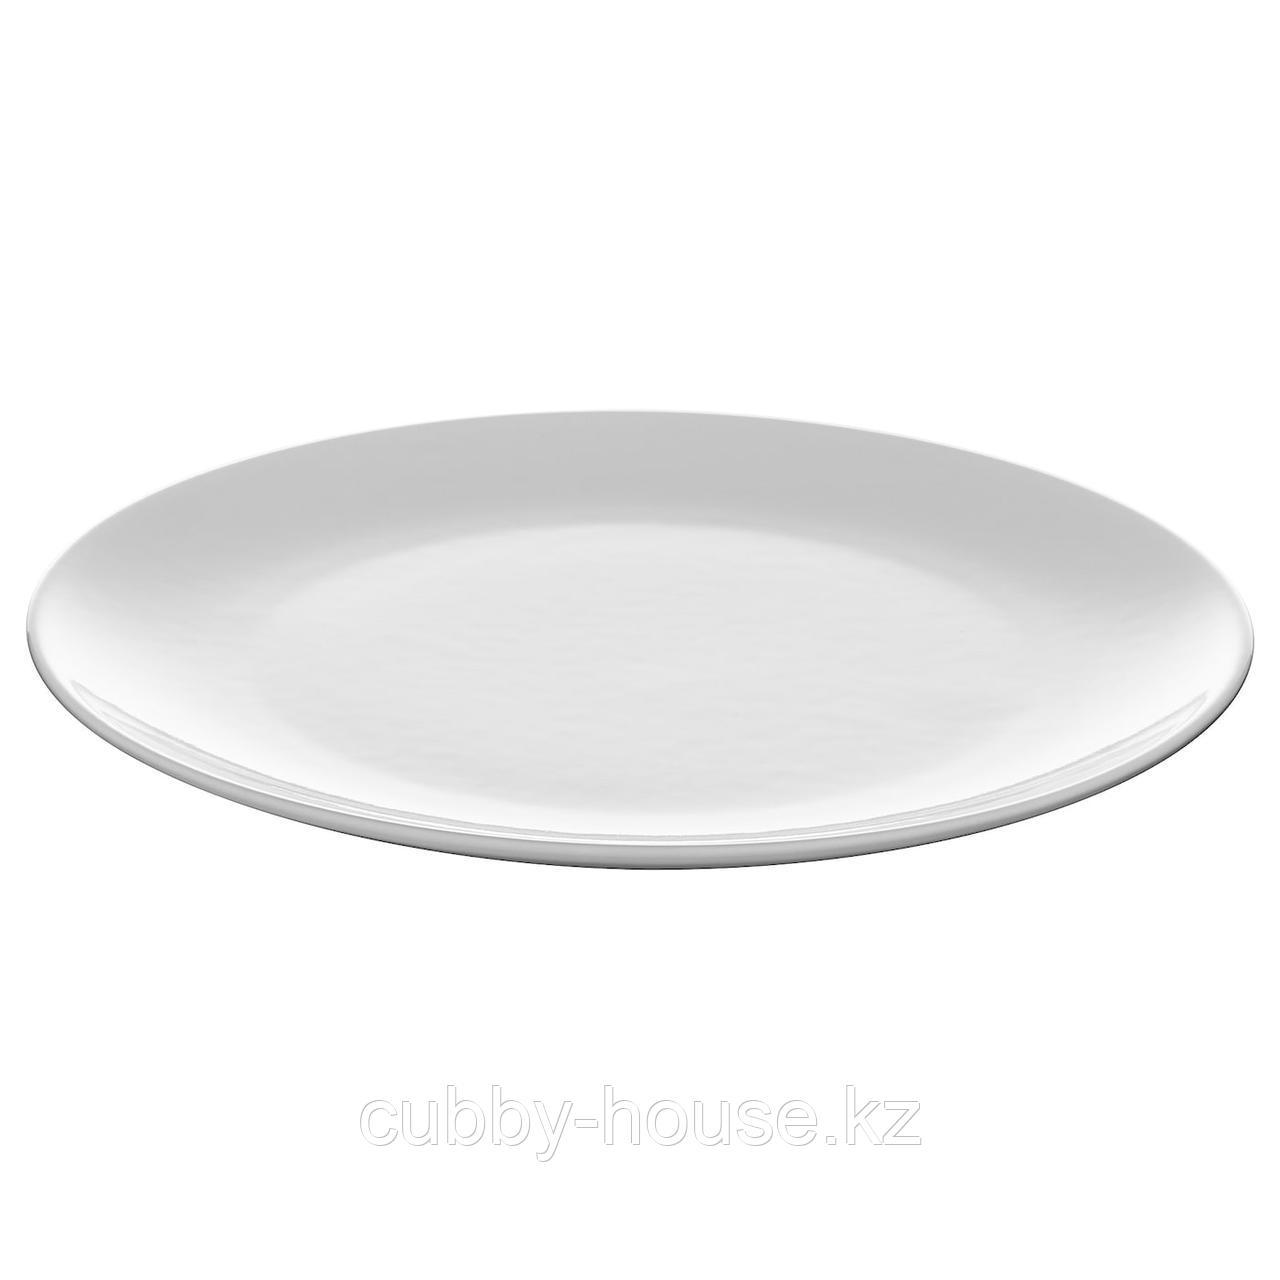 ФЛИТИГХЕТ Тарелка, белый, 26 см